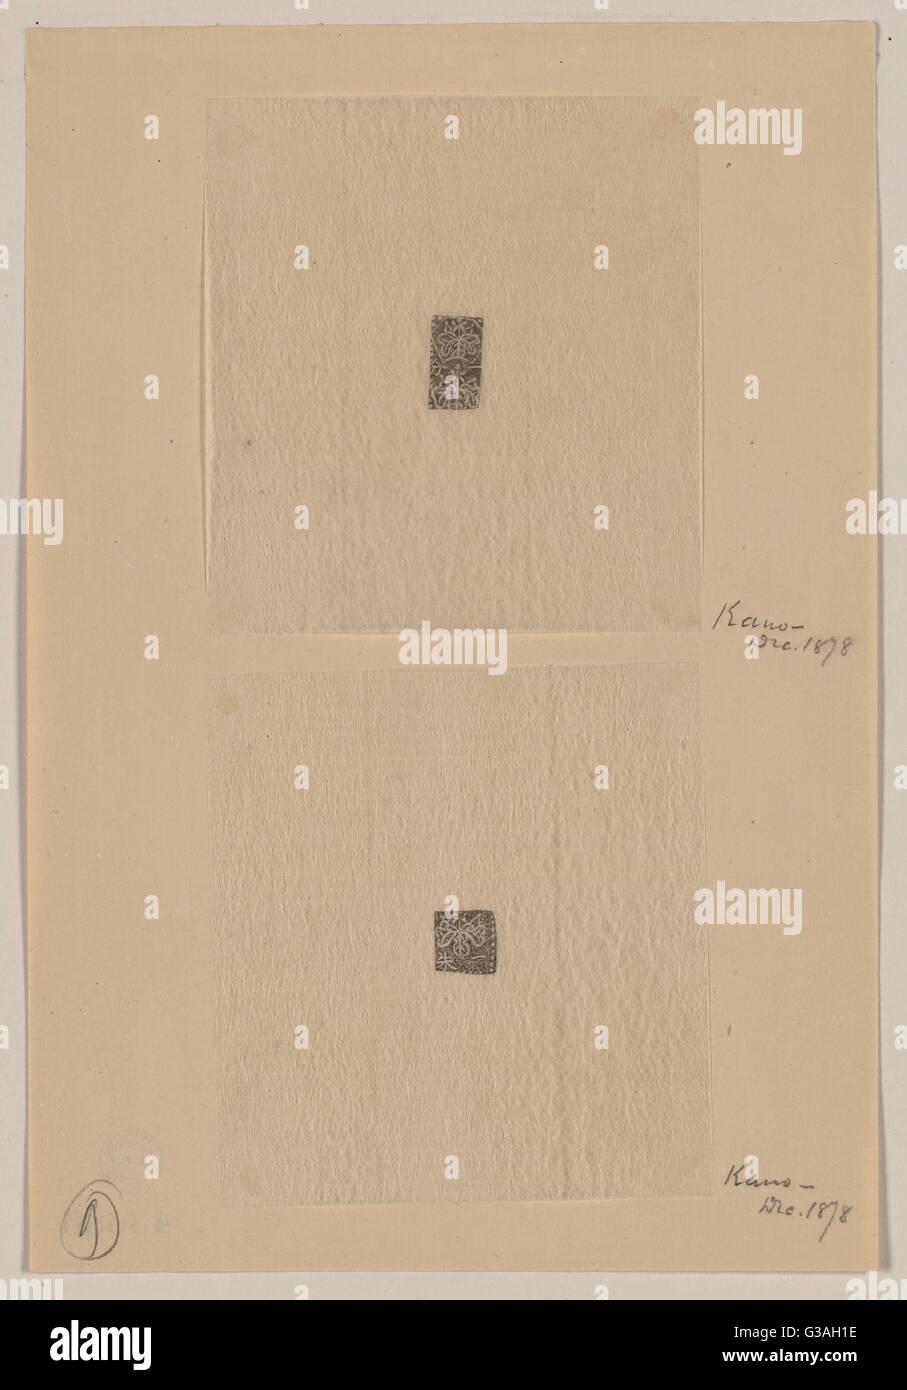 Konstruktionszeichnungen für rechteckige Siegel oder Stempel. Datum 1878 Dez. Stockbild